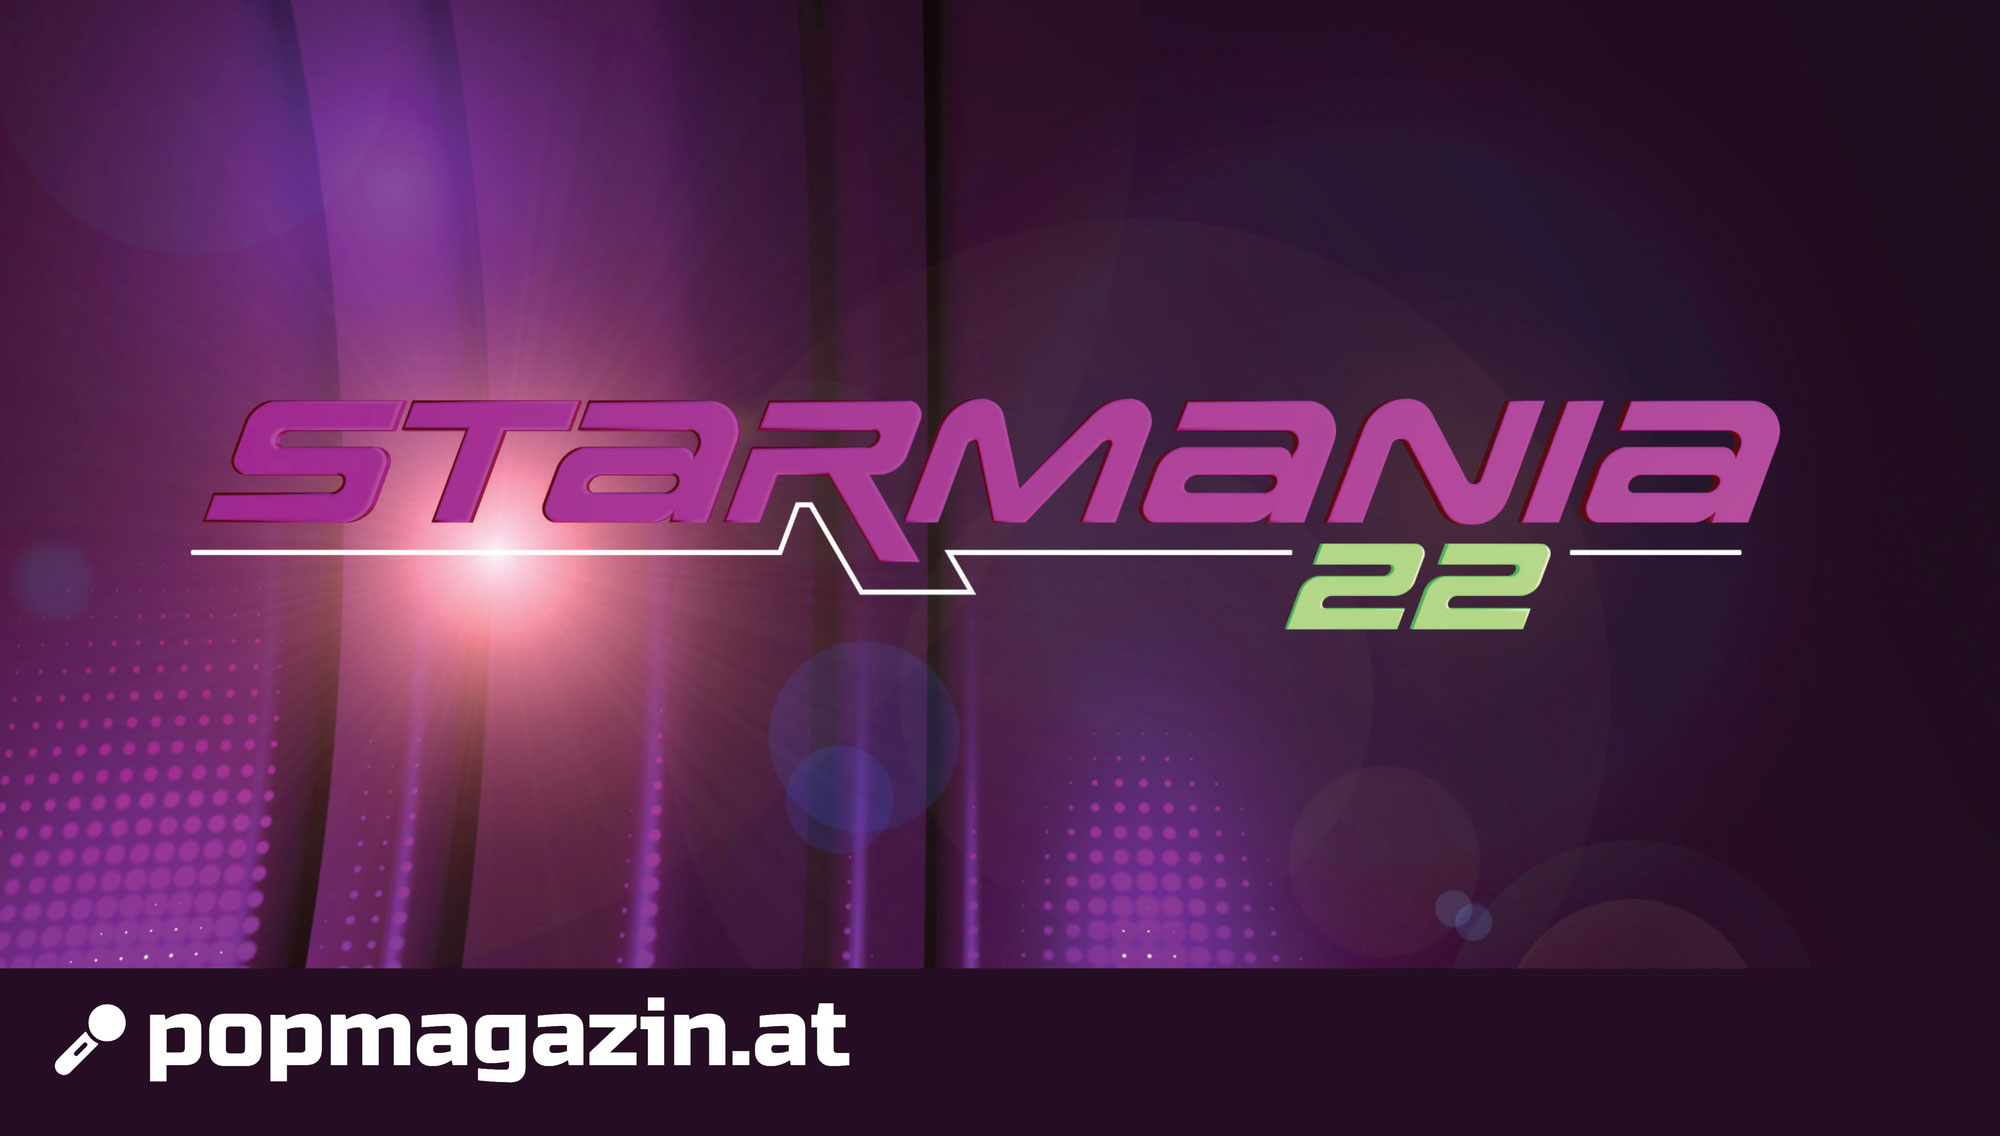 Der ORF sucht neue Popstars: Hier kannst du dich für Starmania22 bewerben!